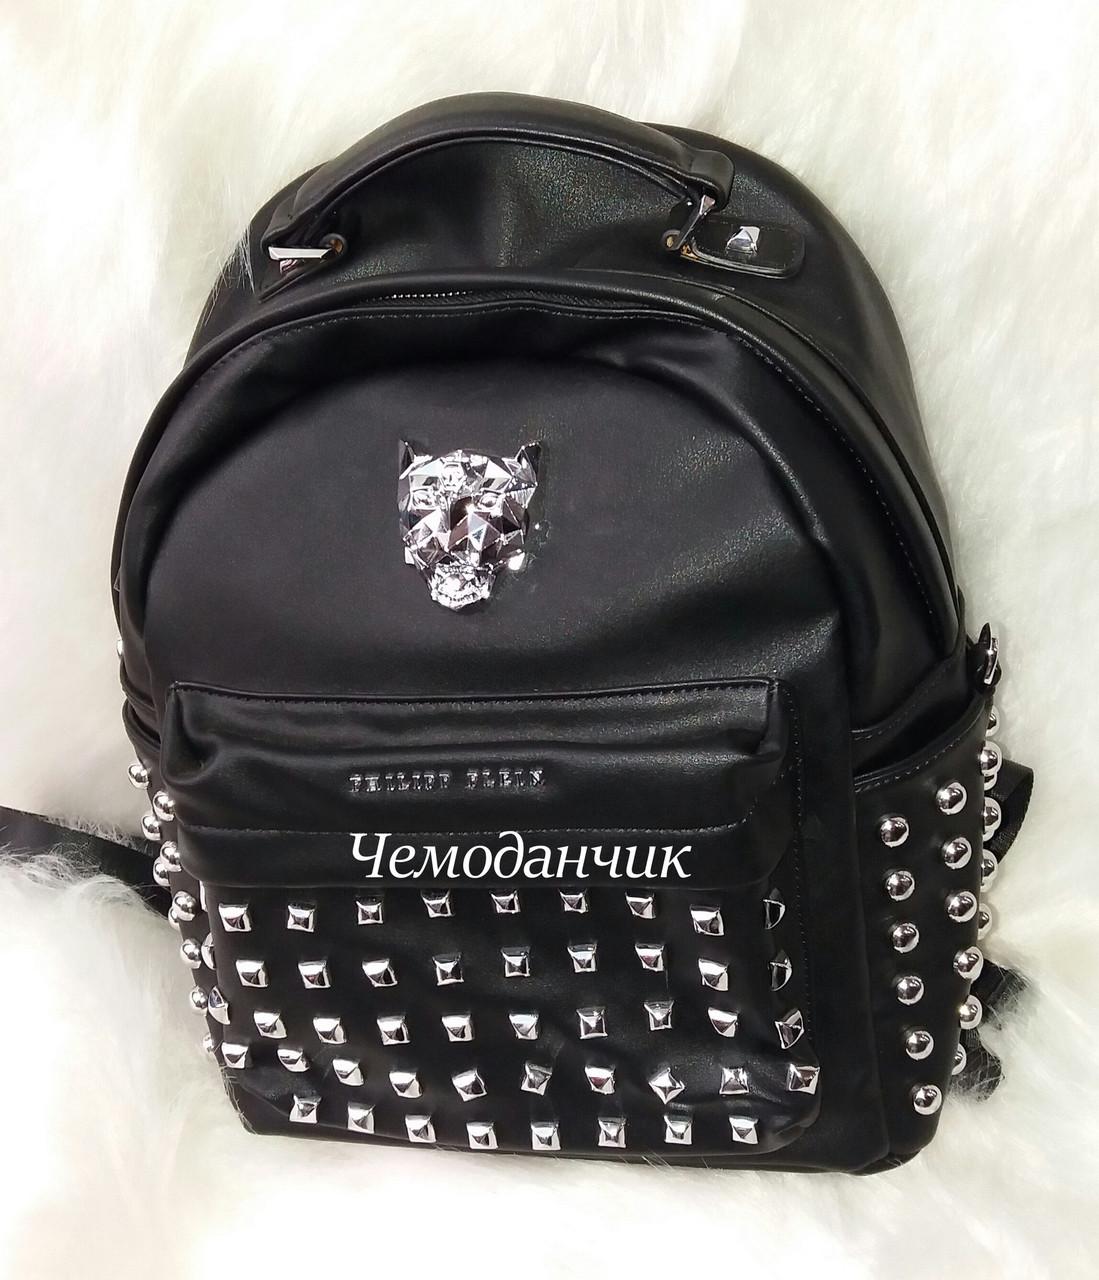 161b17d6719b Рюкзак PHILIPP PLEIN Филипп Плейн - ЧЕМОДАНЧИК - самые красивые сумочки по самой  приятной цене!